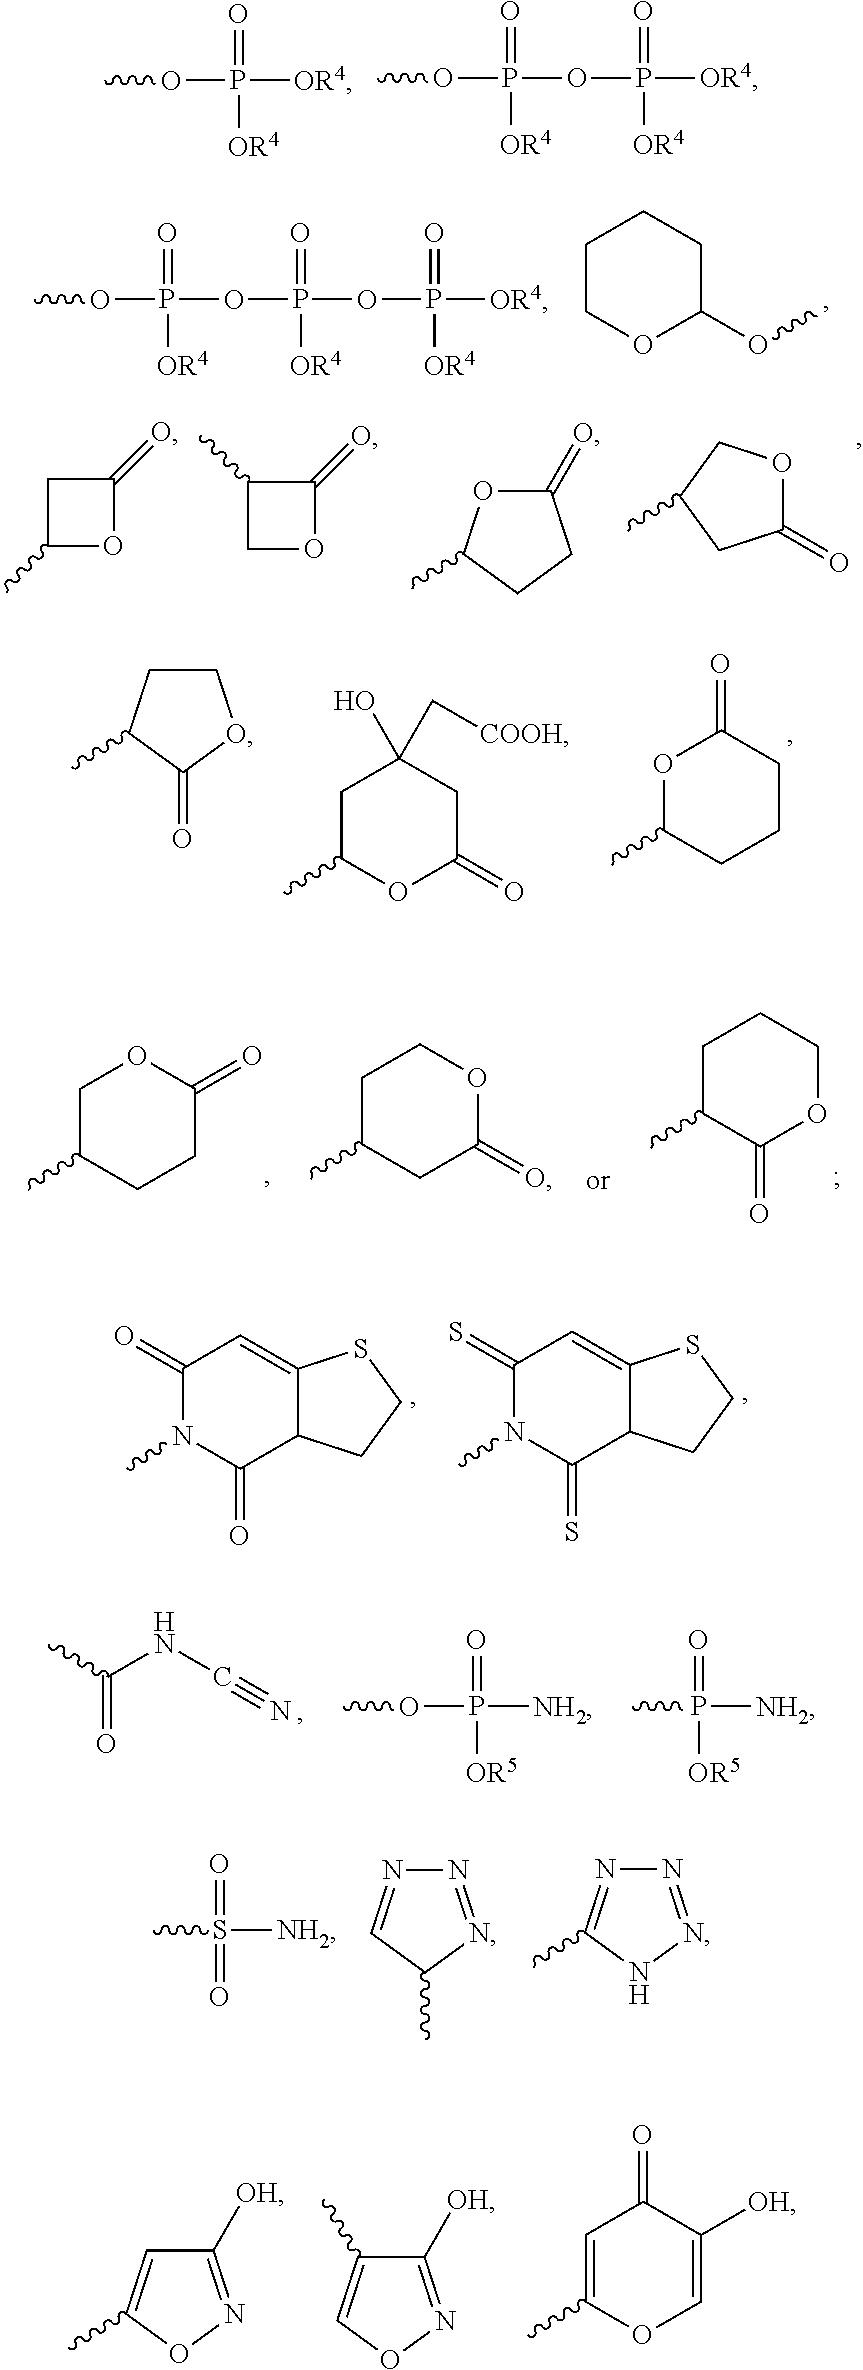 Figure US09855240-20180102-C00005